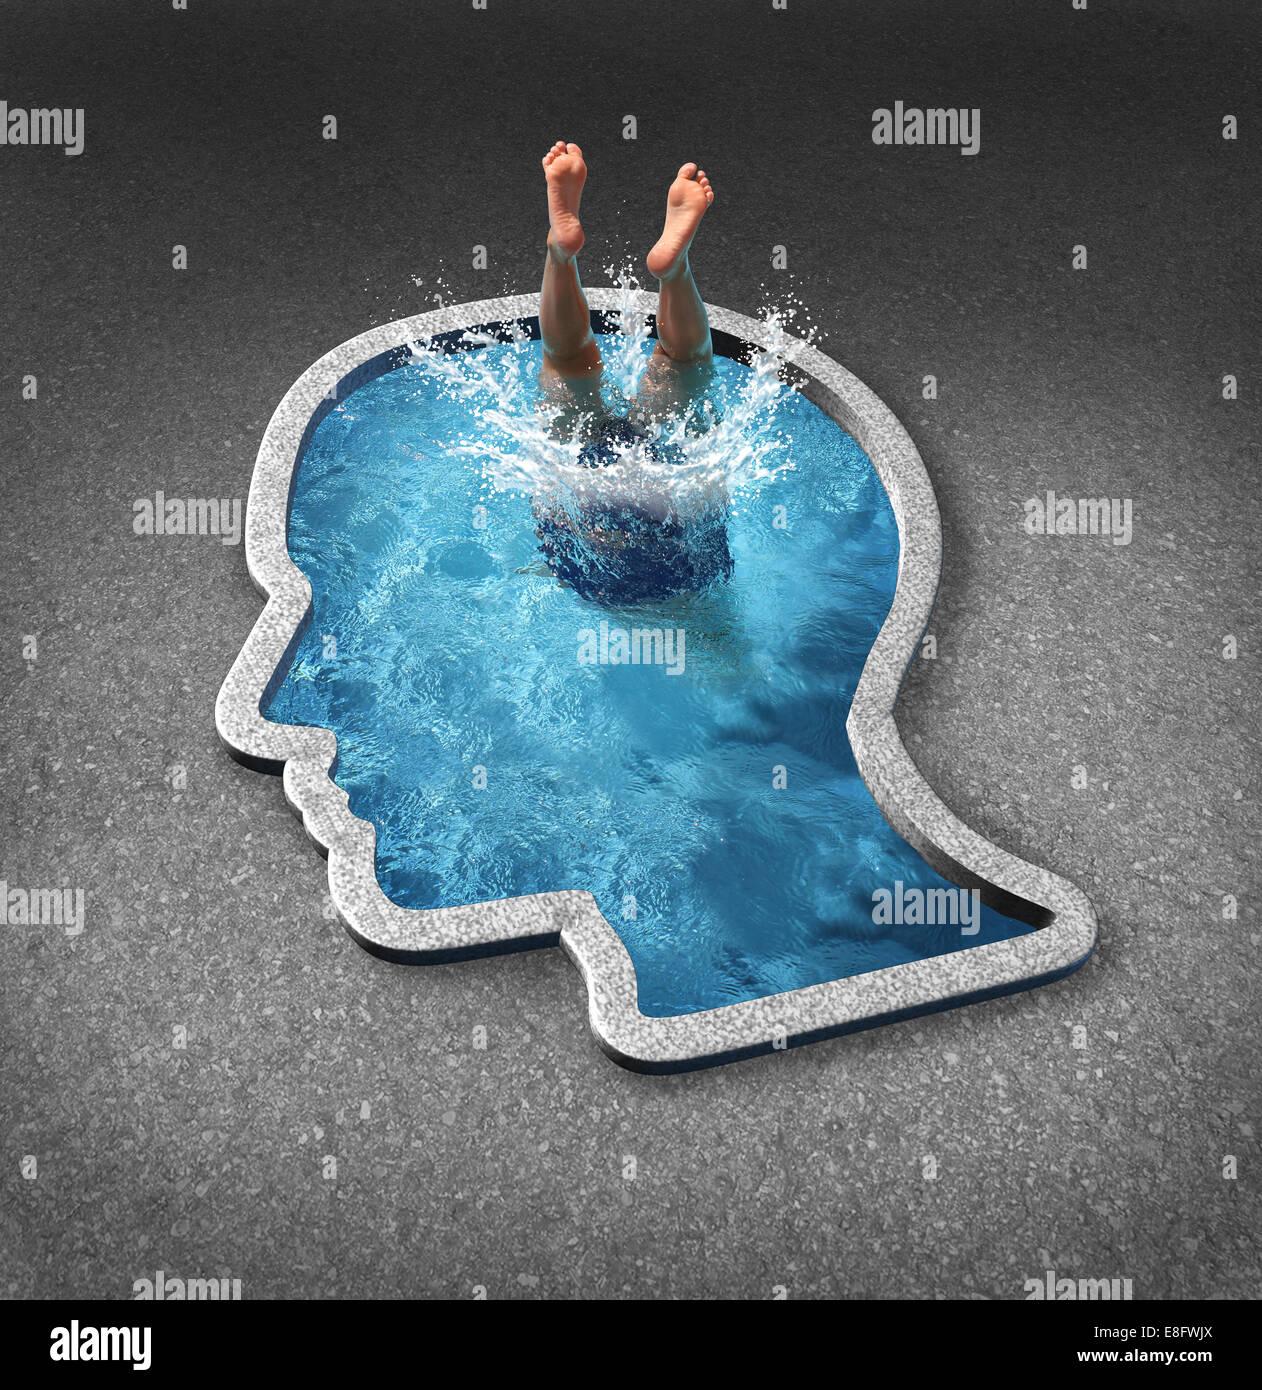 Tiefes denken und Seelensuche Konzept mit einer Person in ein Schwimmbad tauchen geformt wie ein menschliches Gesicht Stockbild